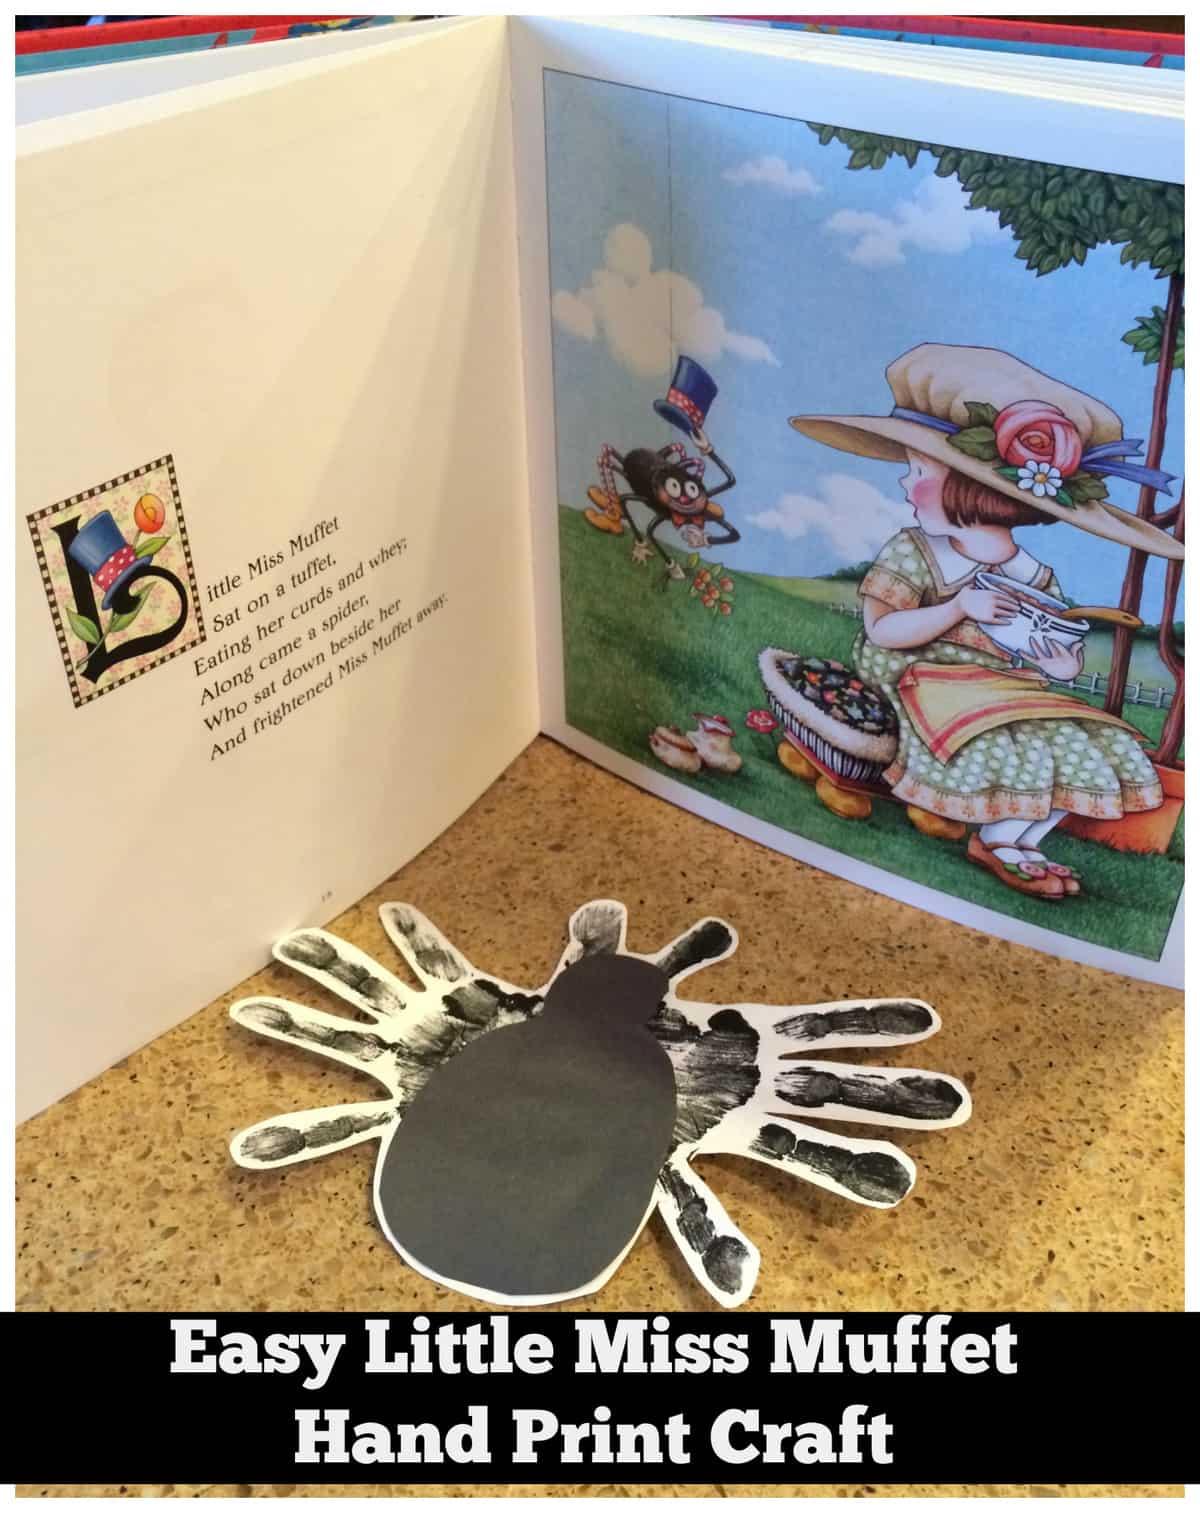 Easy Little Miss Muffet Hand Print Craft